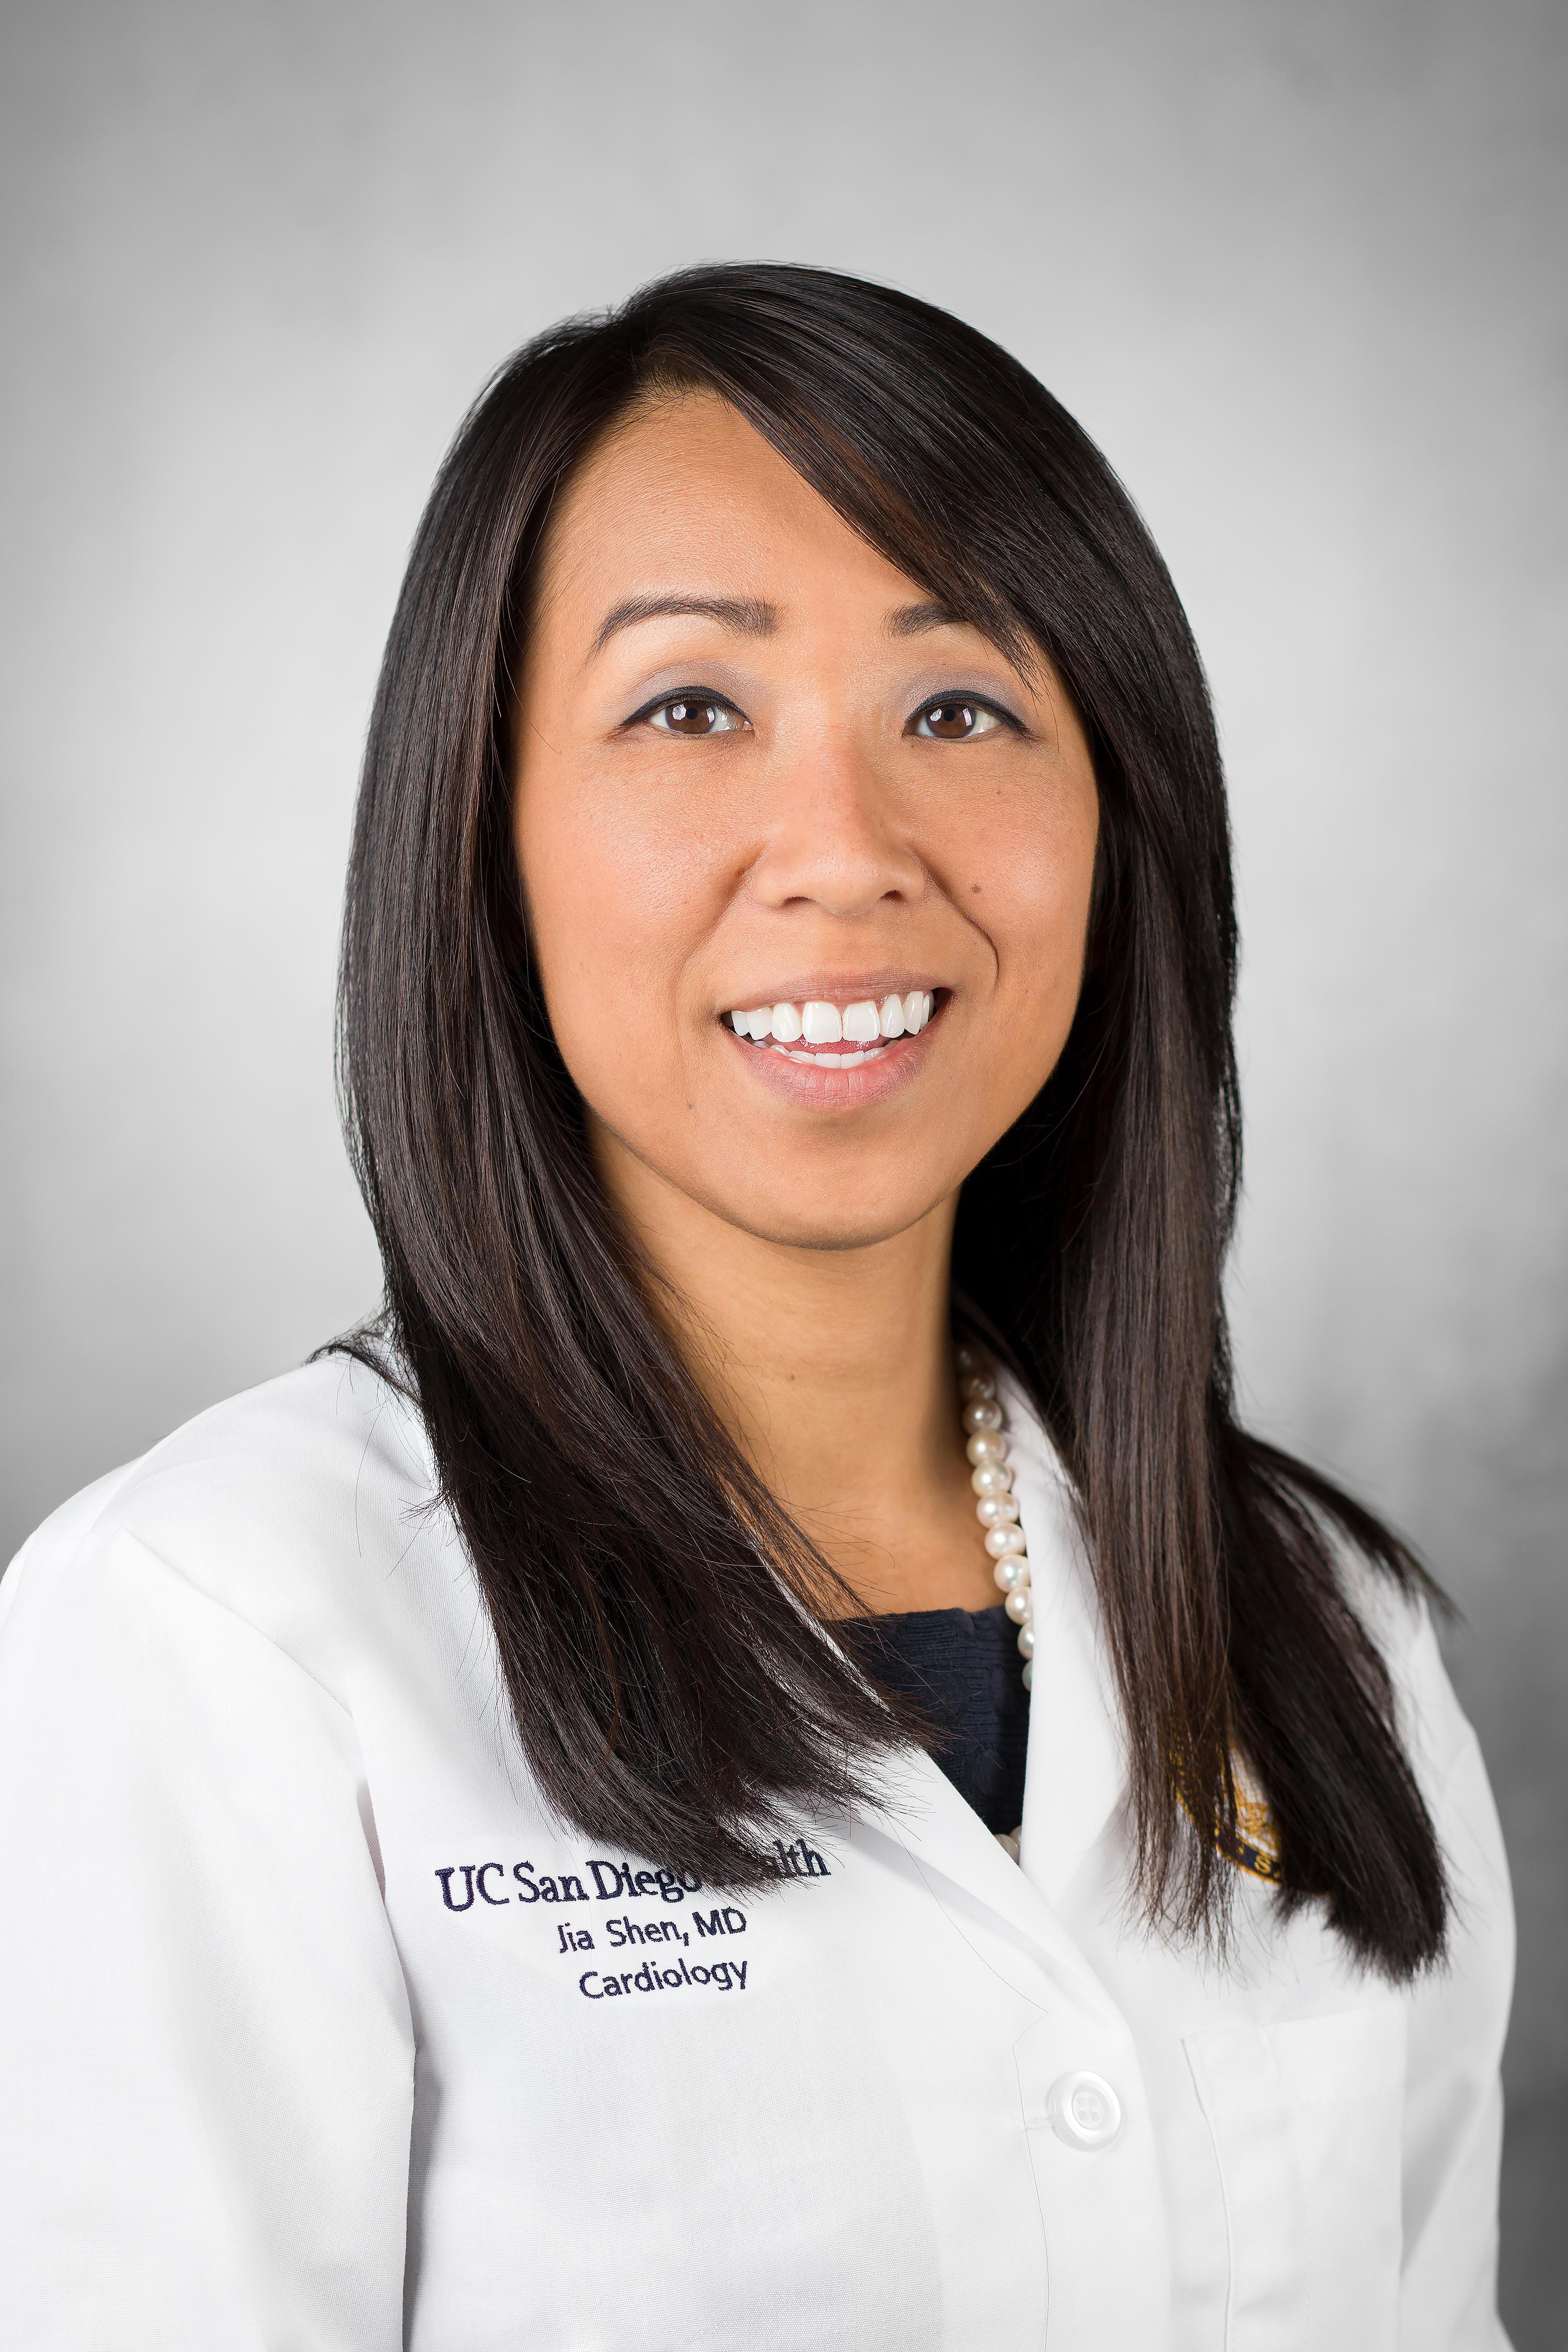 Jia Shen, MD